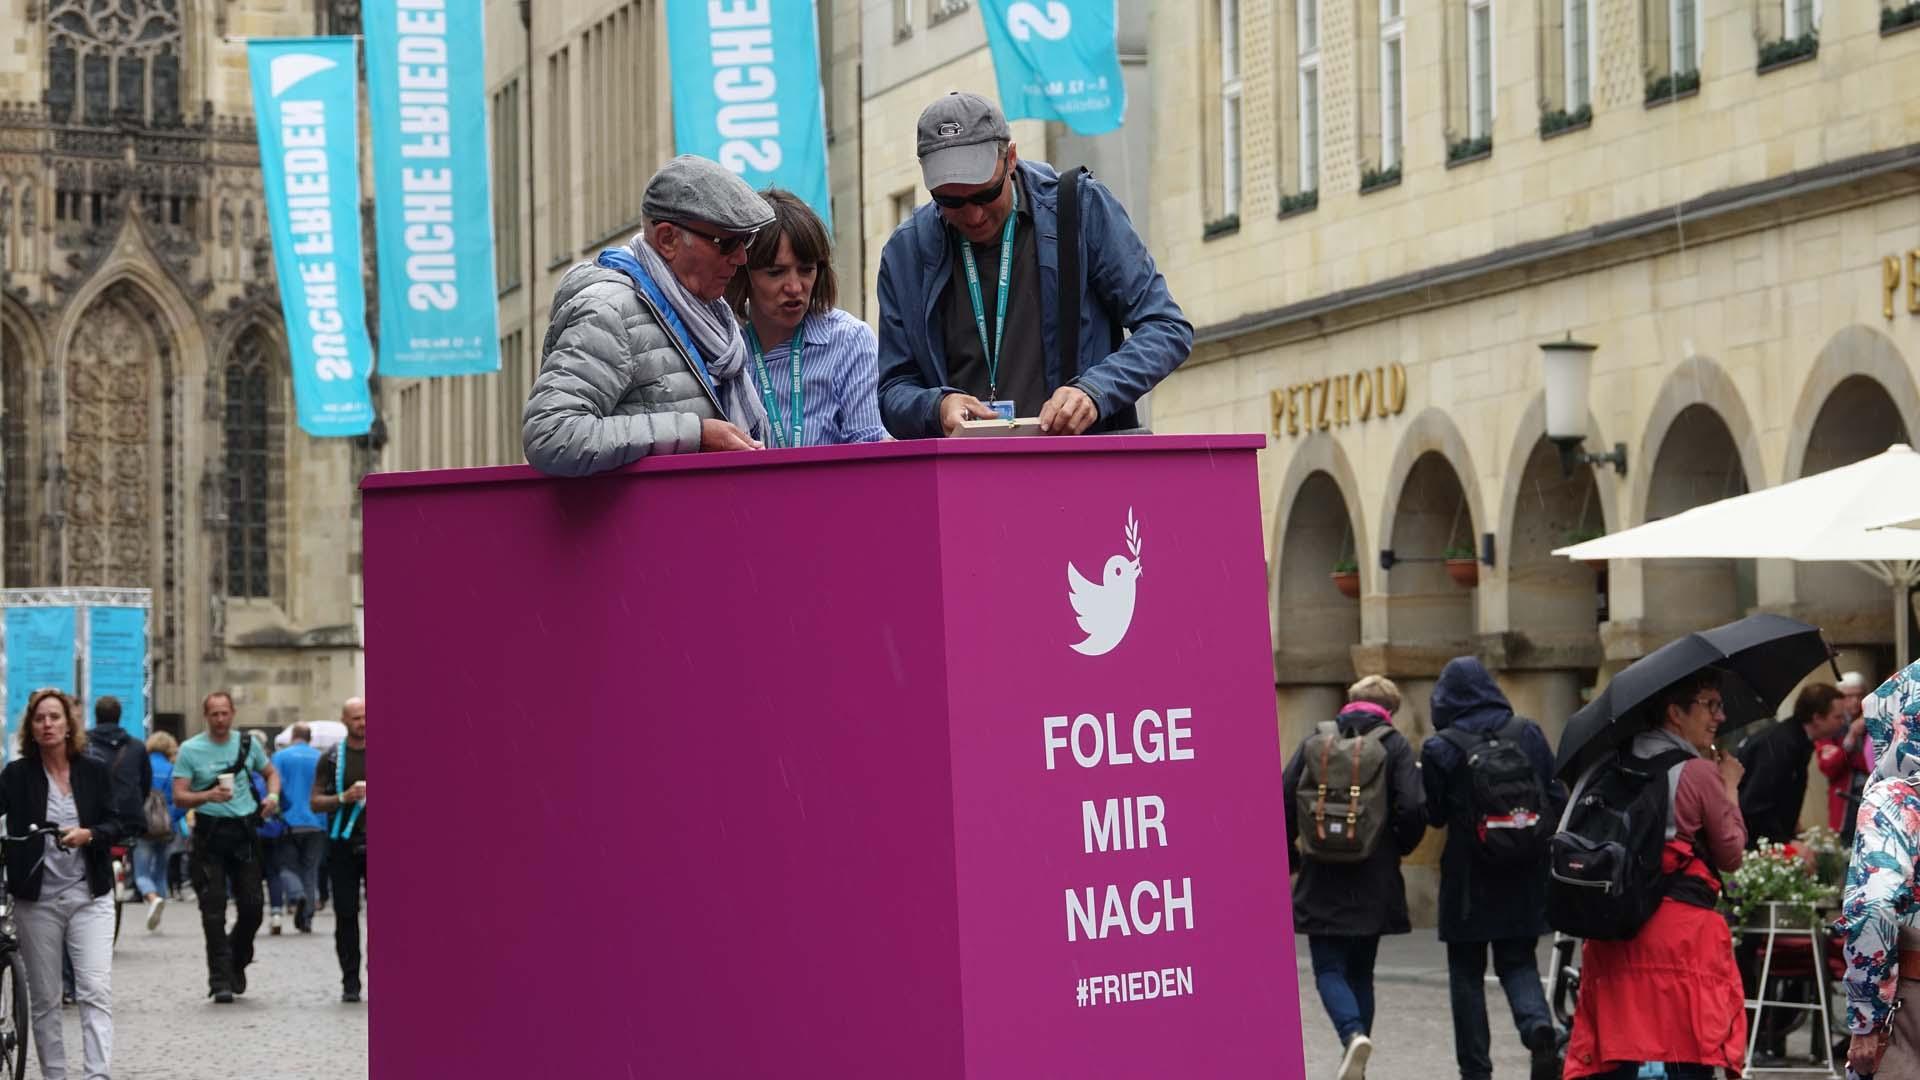 """Auf dieser """"Twitter-Kanzel"""" in der Altstadt konnten Besucher für ein Foto posieren und zu den anderen Gästen sprechen"""